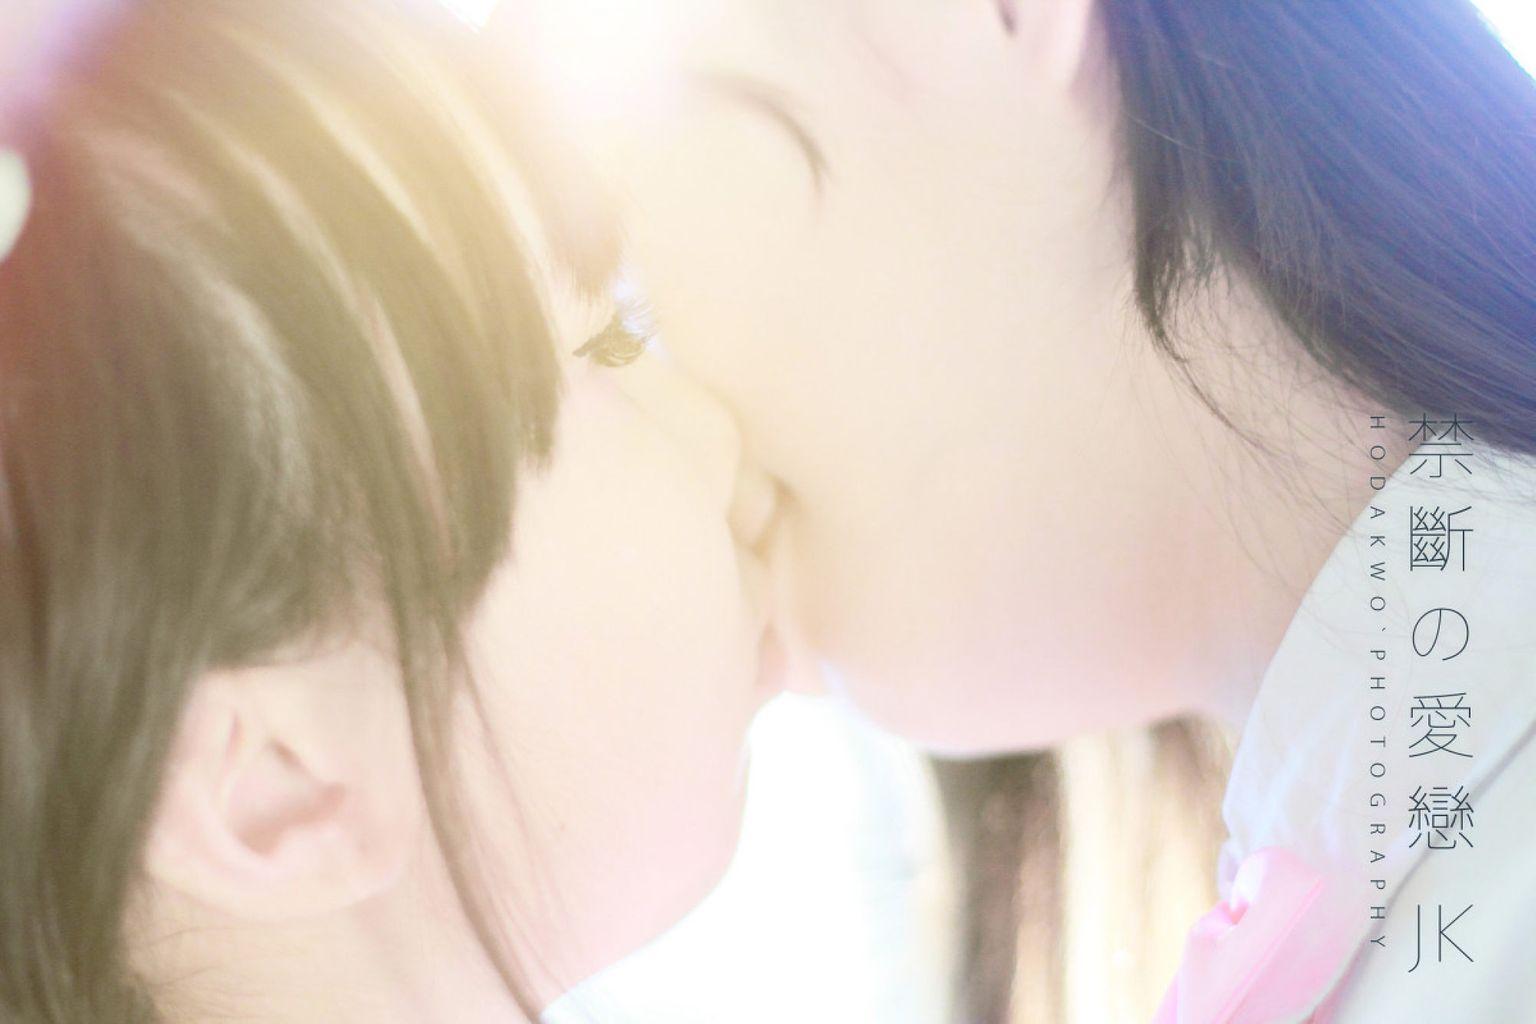 禁断之爱恋 JK 美少女的百合物语